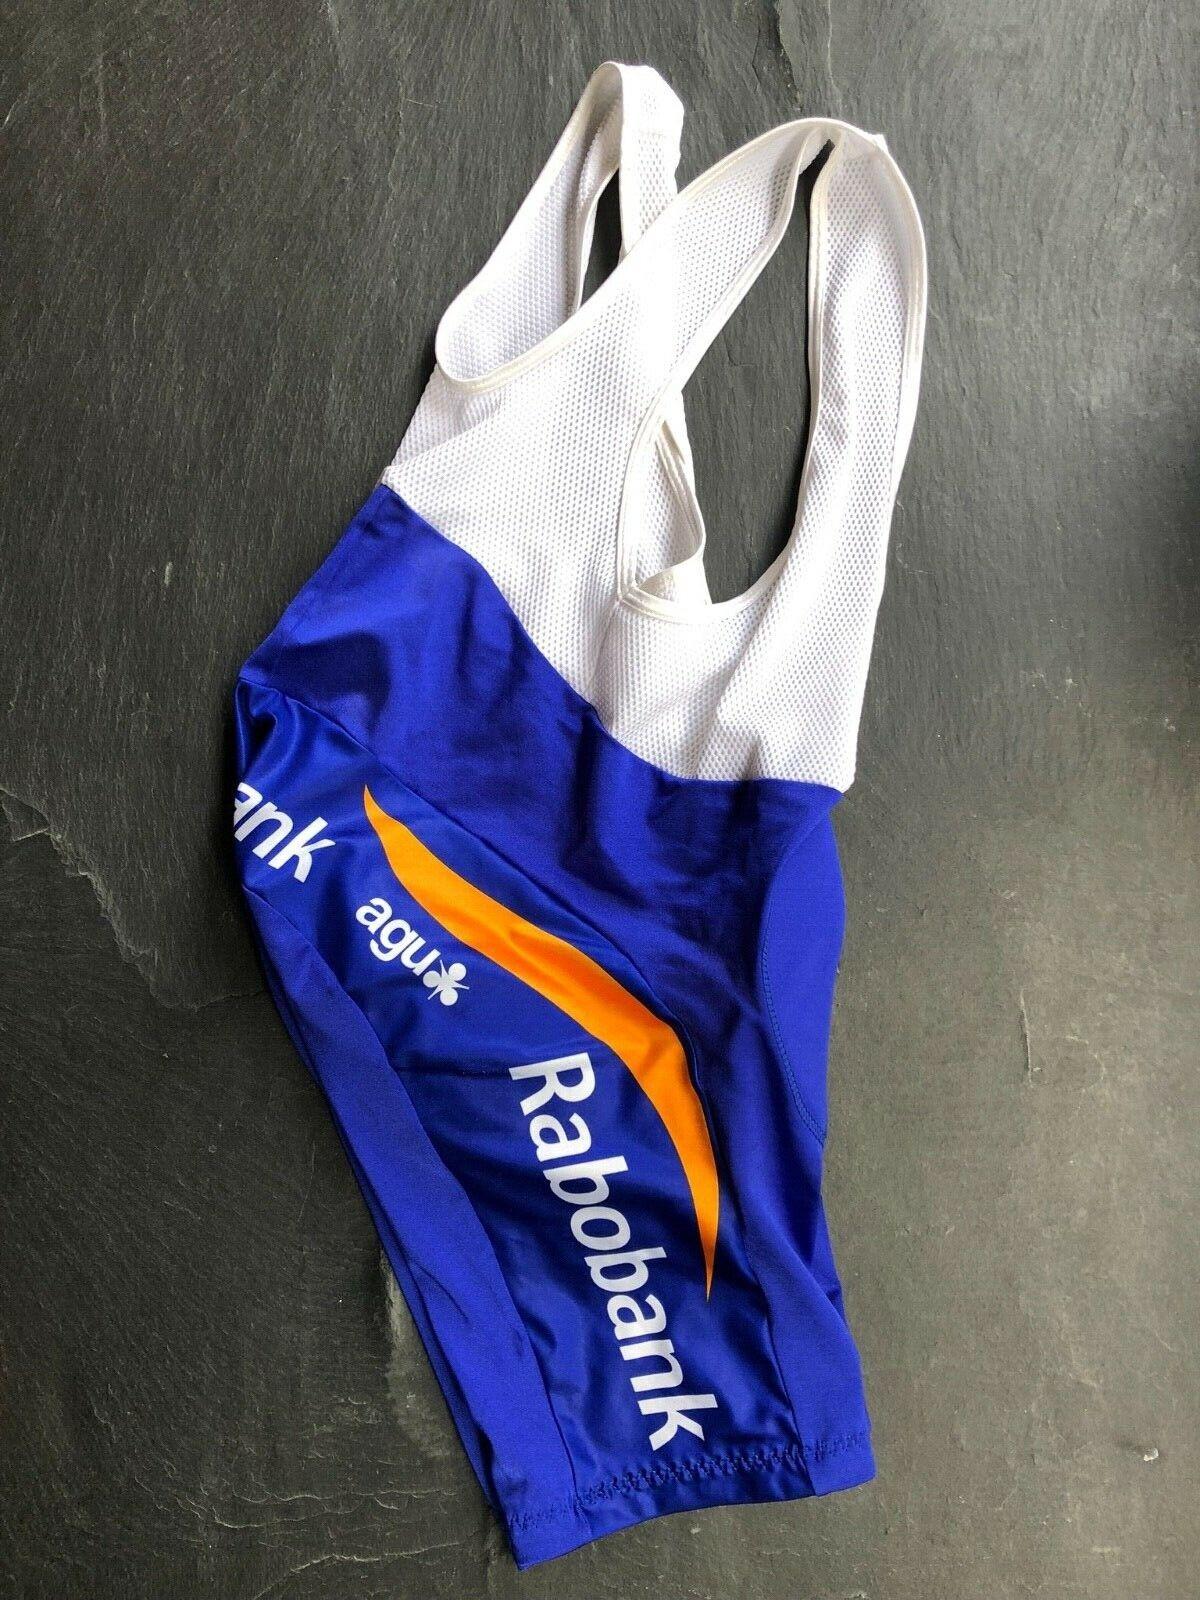 Rennrad Herren-Radierhose gepolstert Trägerhose Team Rabobank NEU Gr. 2 / S